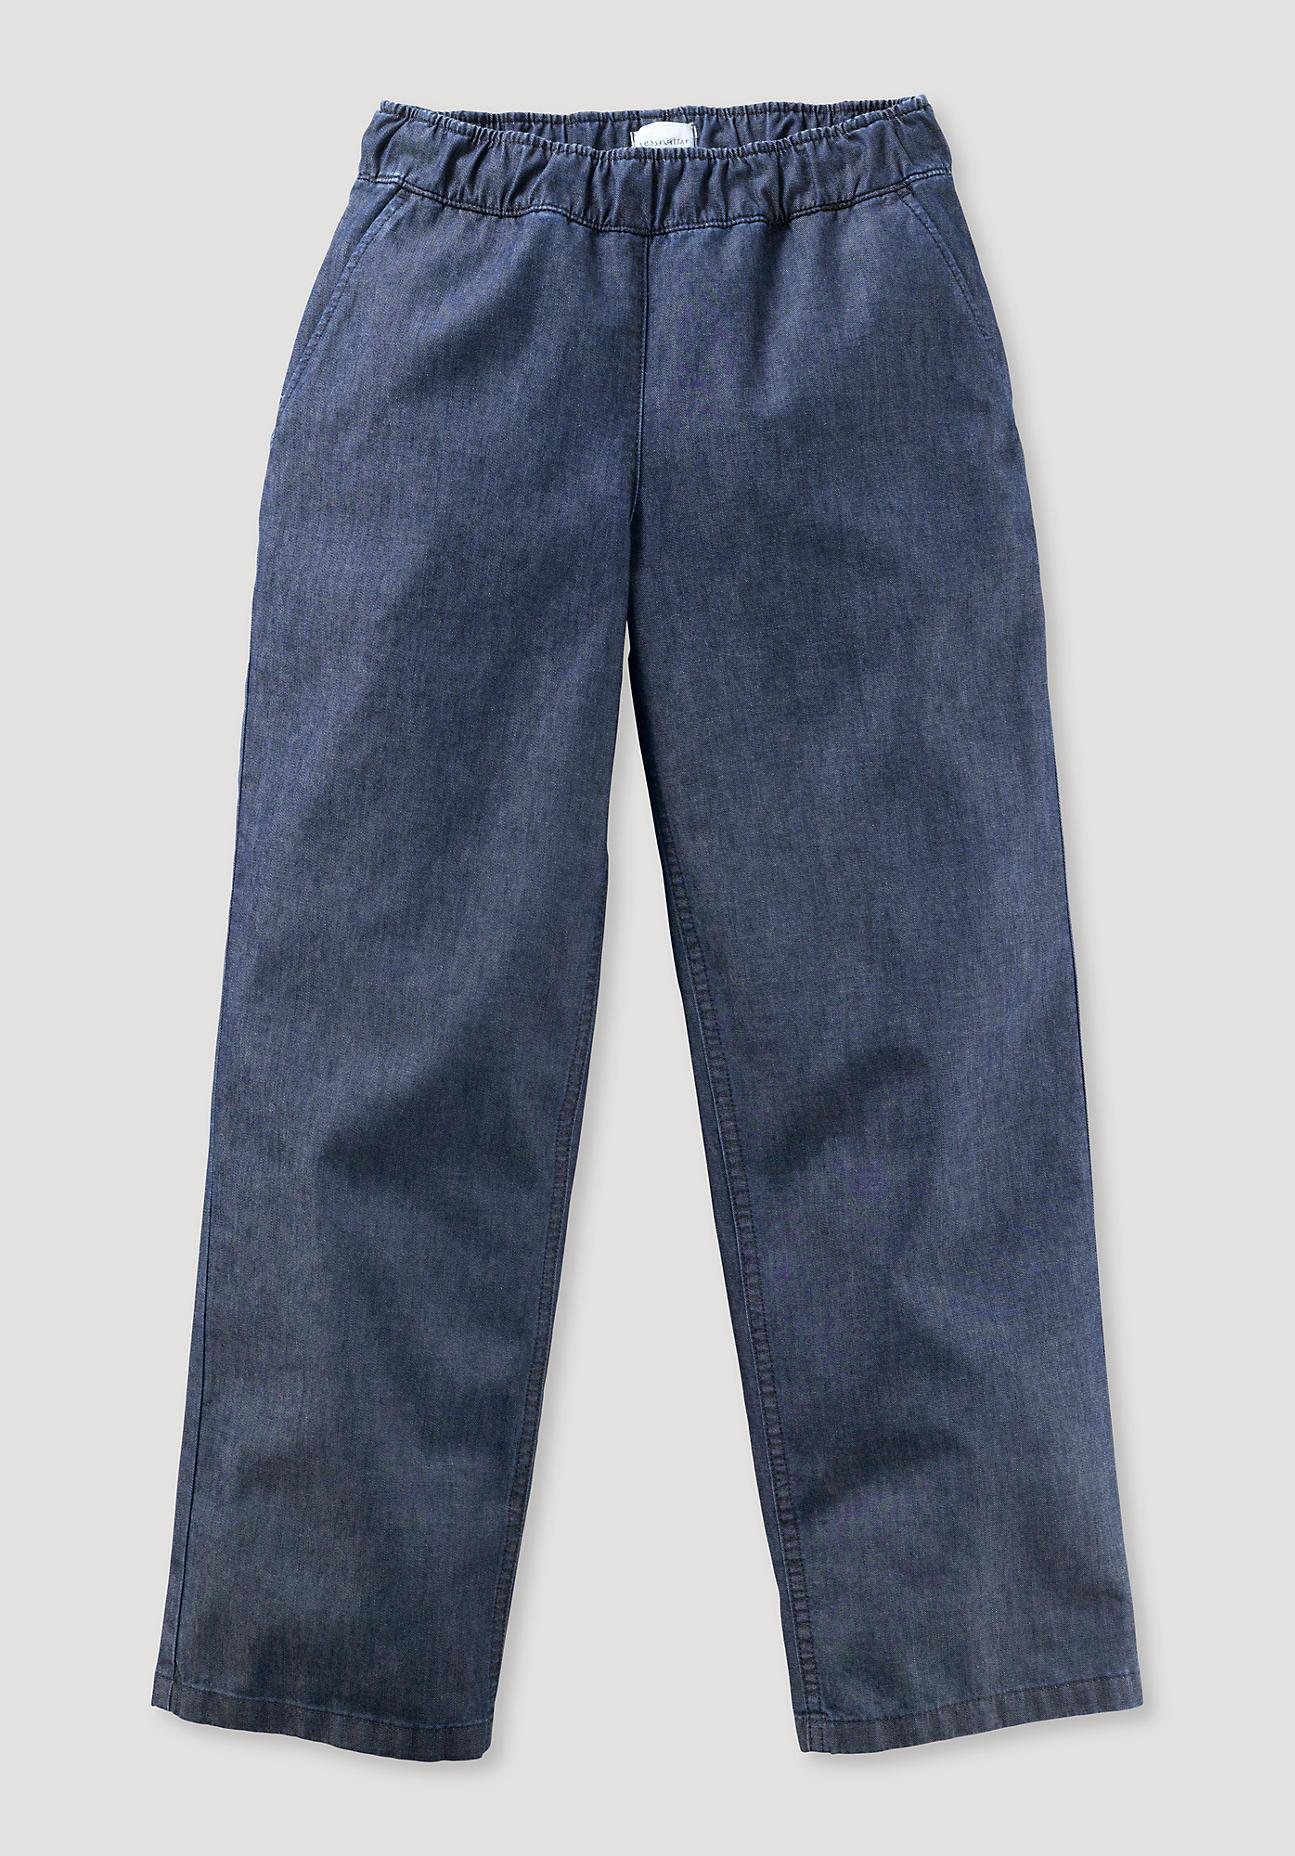 hessnatur Kinder Denim-Hose aus Bio-Baumwolle - blau Größe 140